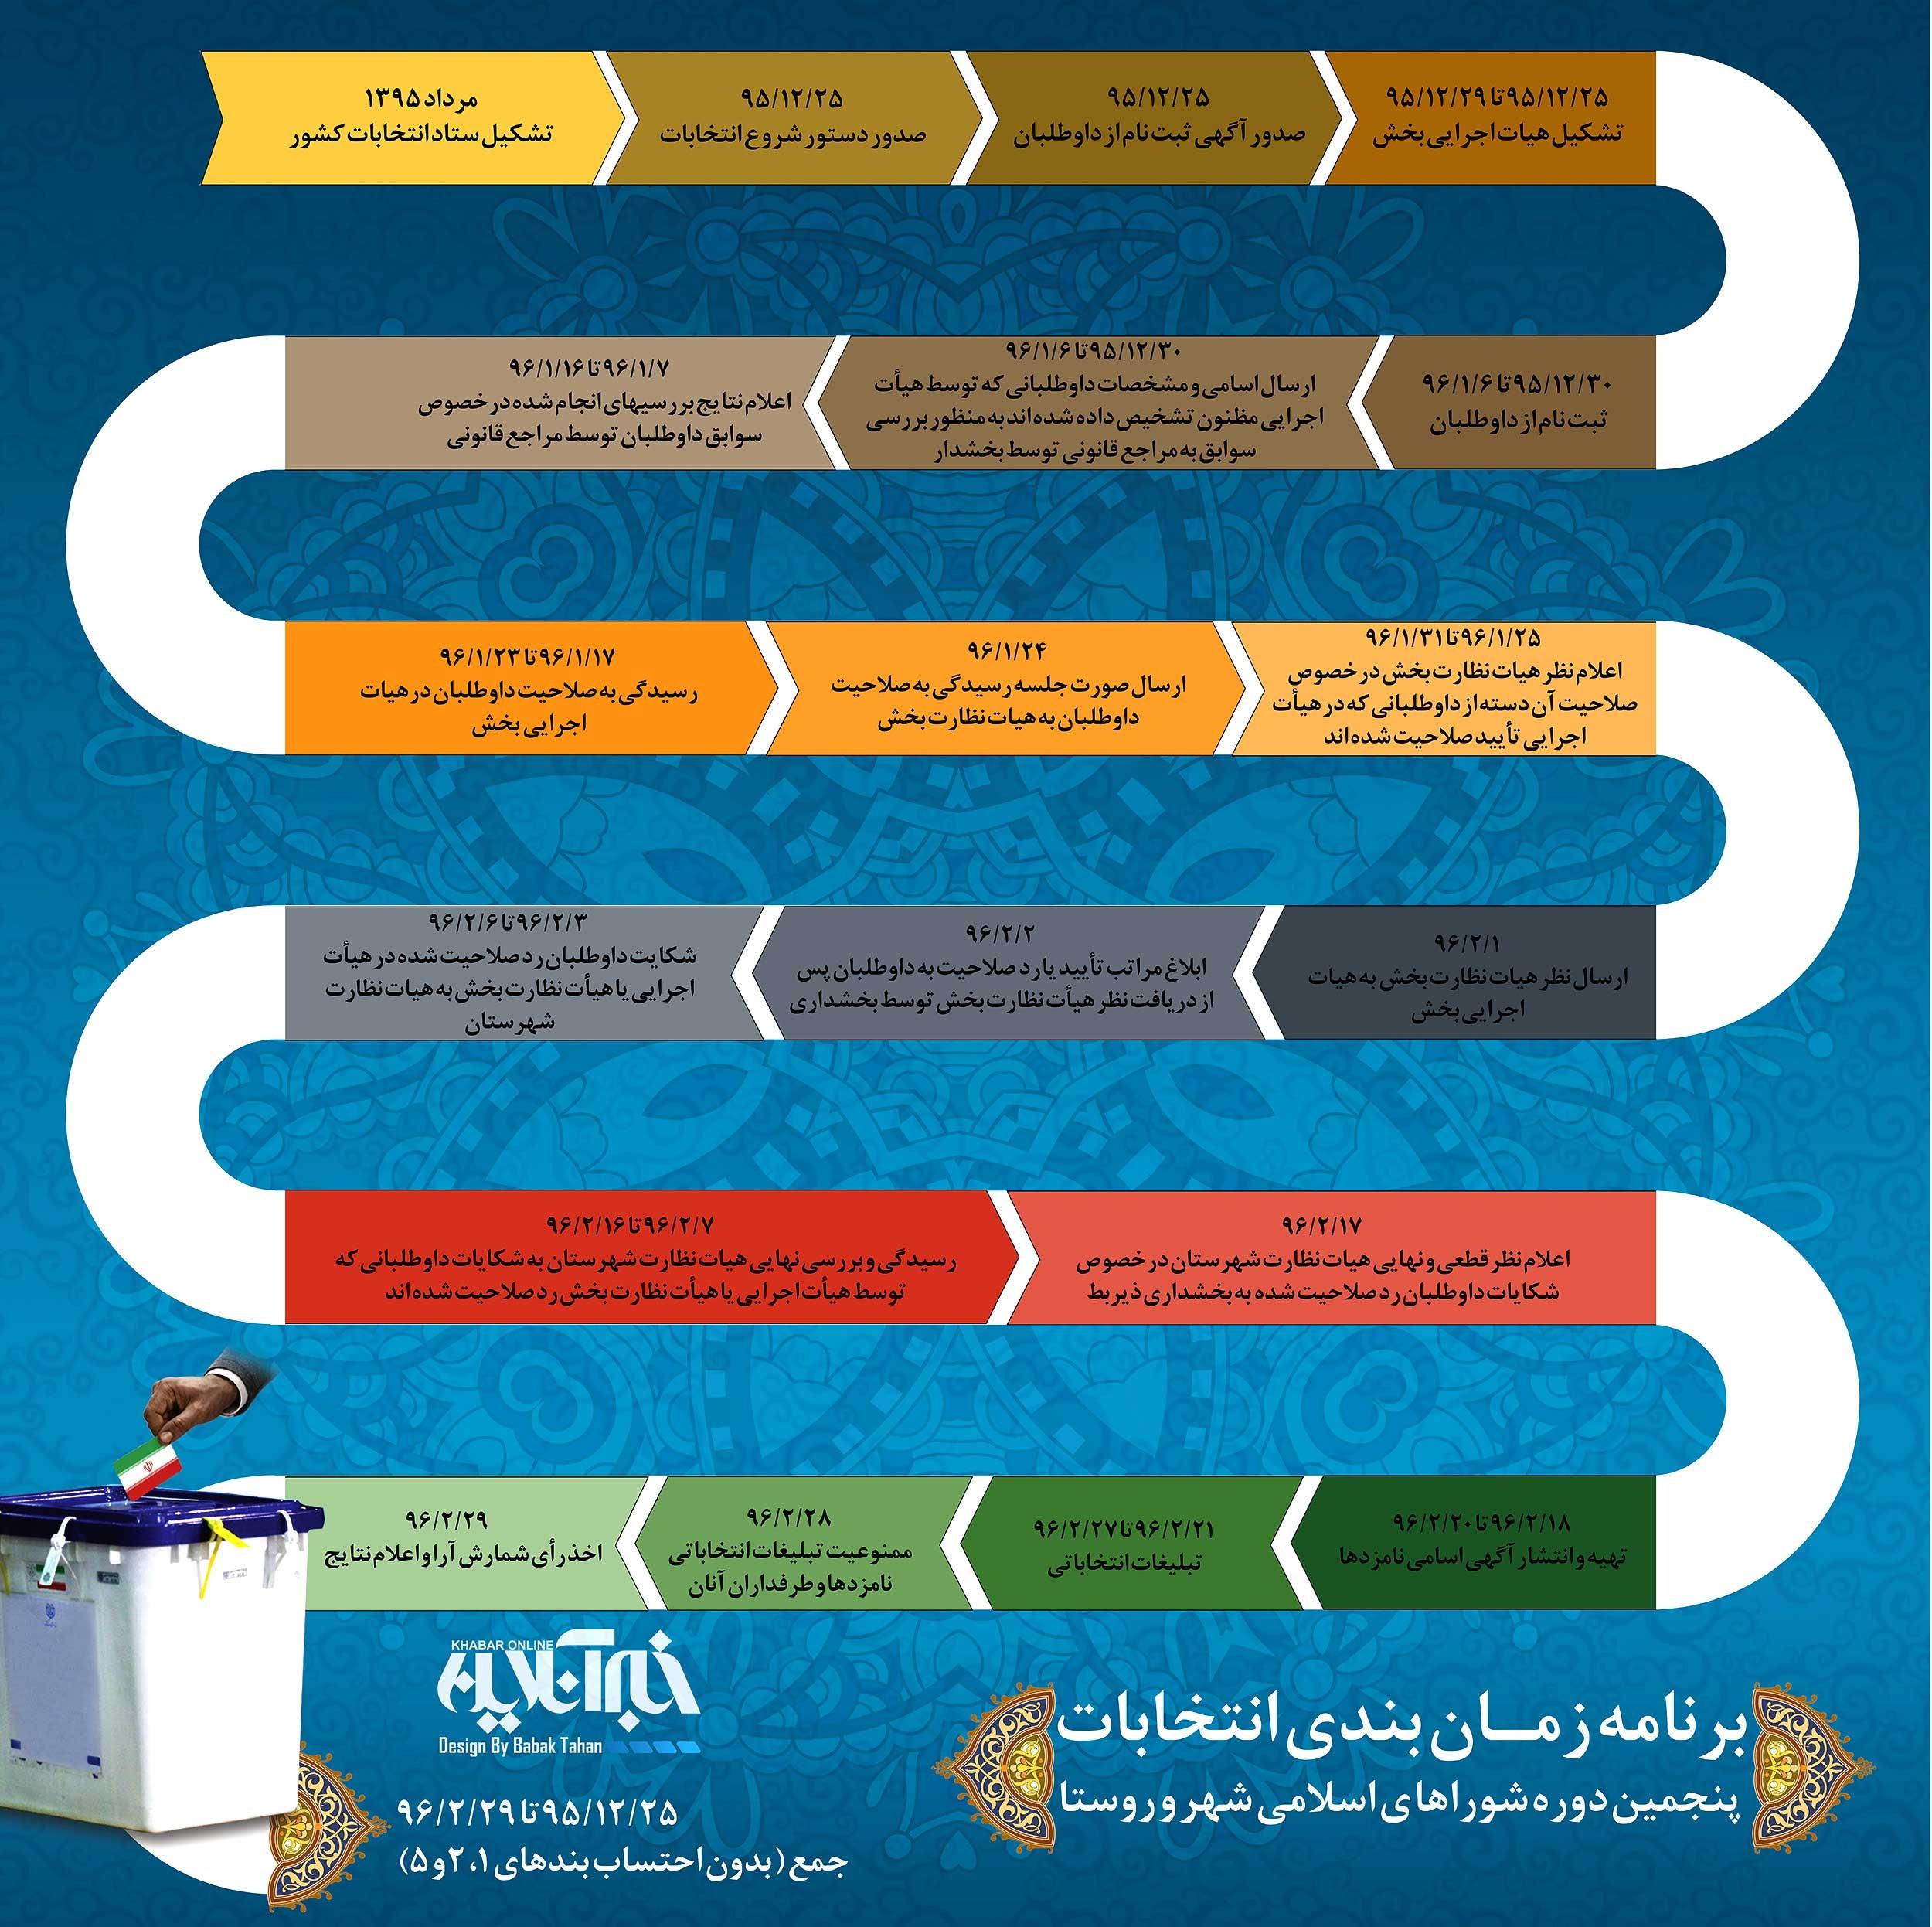 اینفوگرافیک | تقویم انتخابات شوراهای شهر و روستا